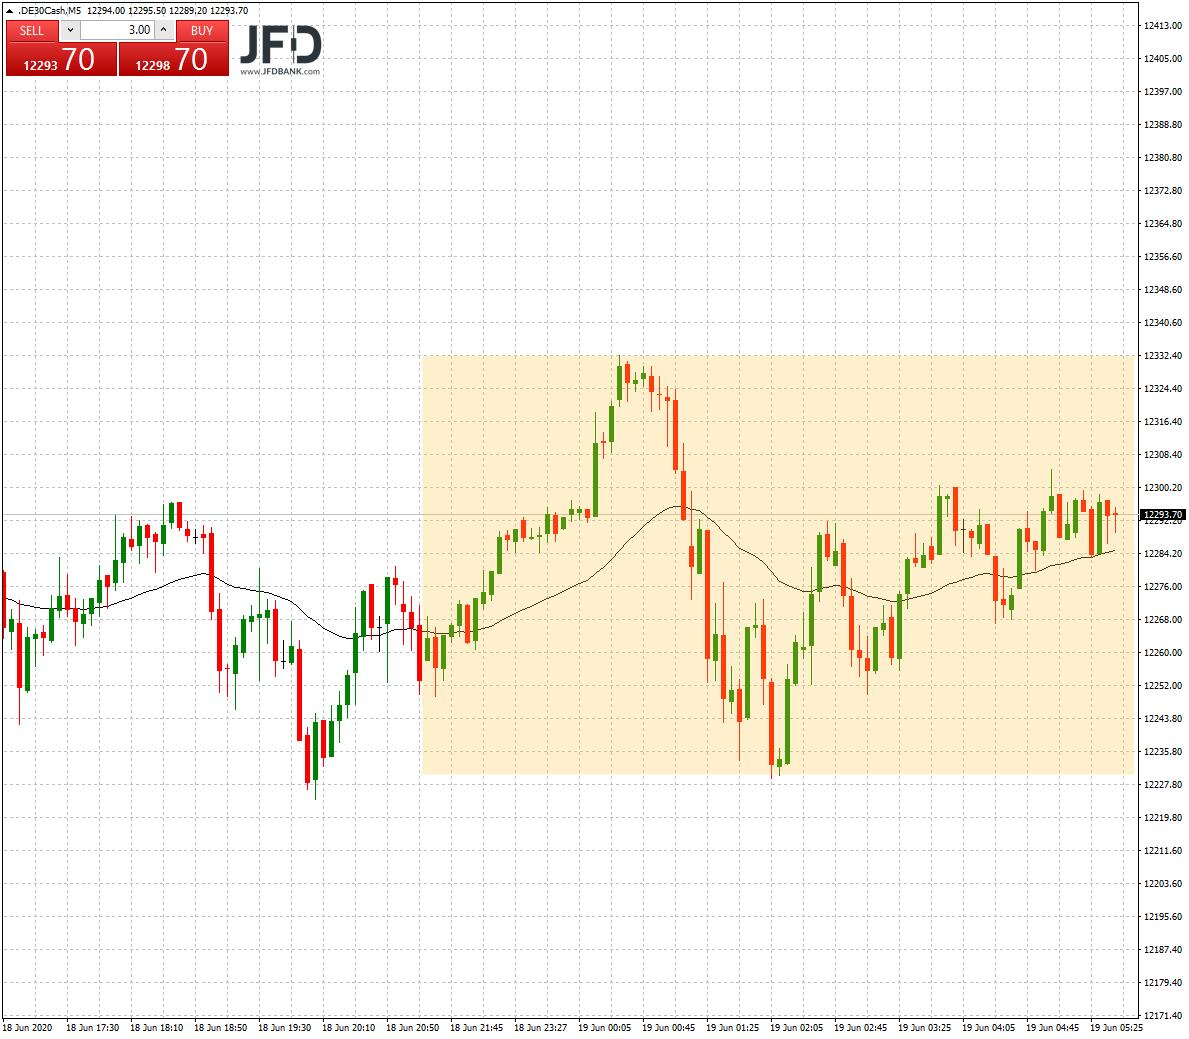 DAX-Trading-am-Hexensabbat-eine-gute-Idee-Kommentar-JFD-Bank-GodmodeTrader.de-6